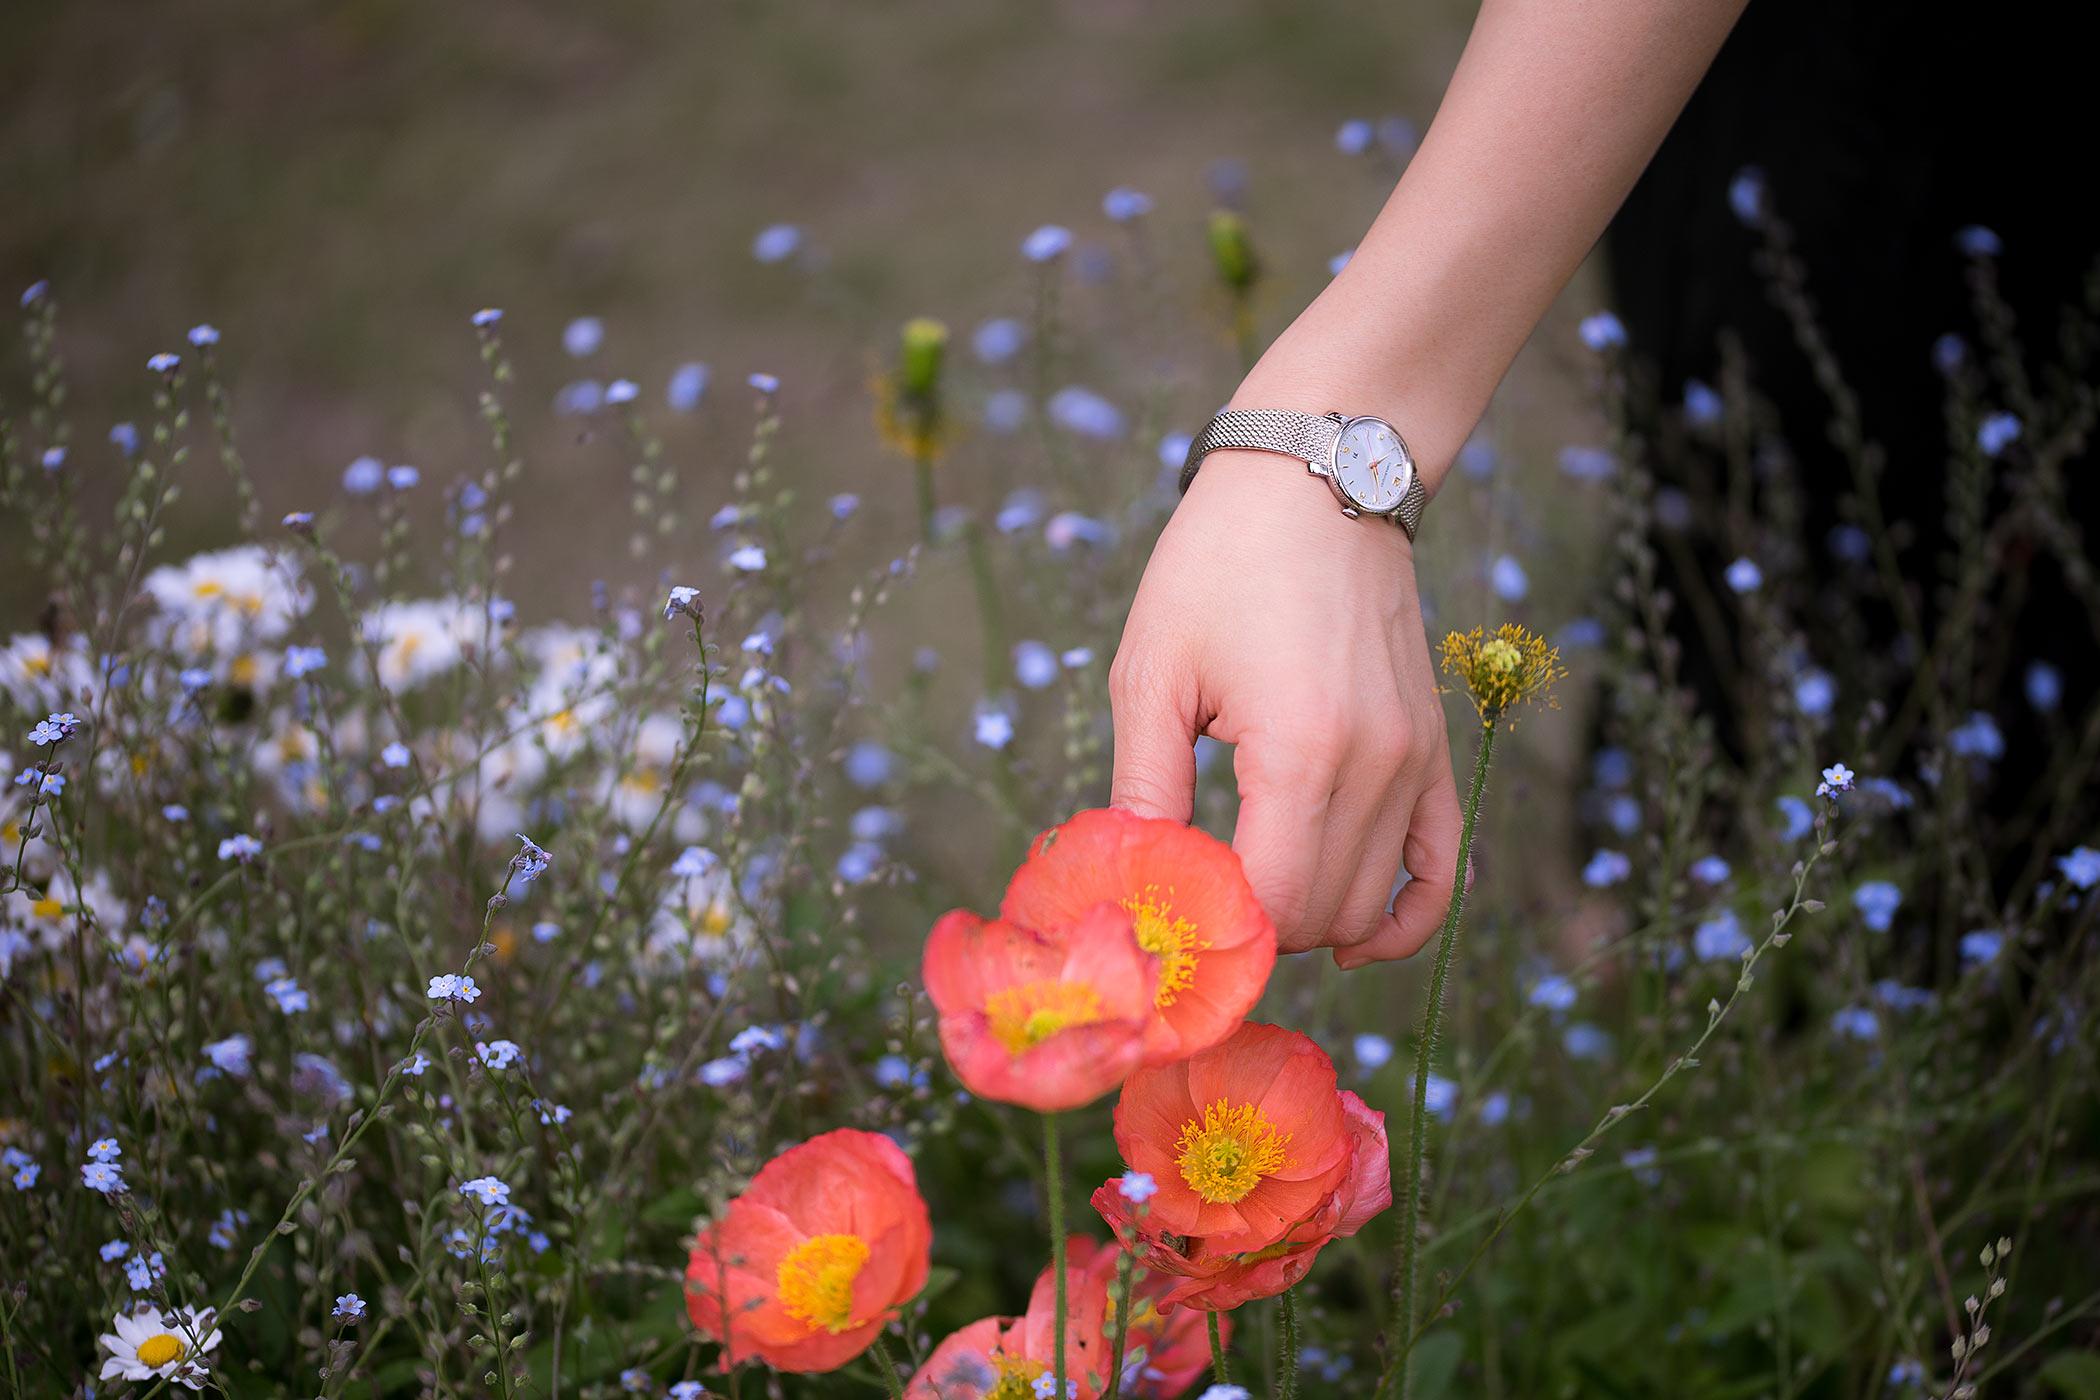 春の花畑で女性が緋色のポピーを摘む